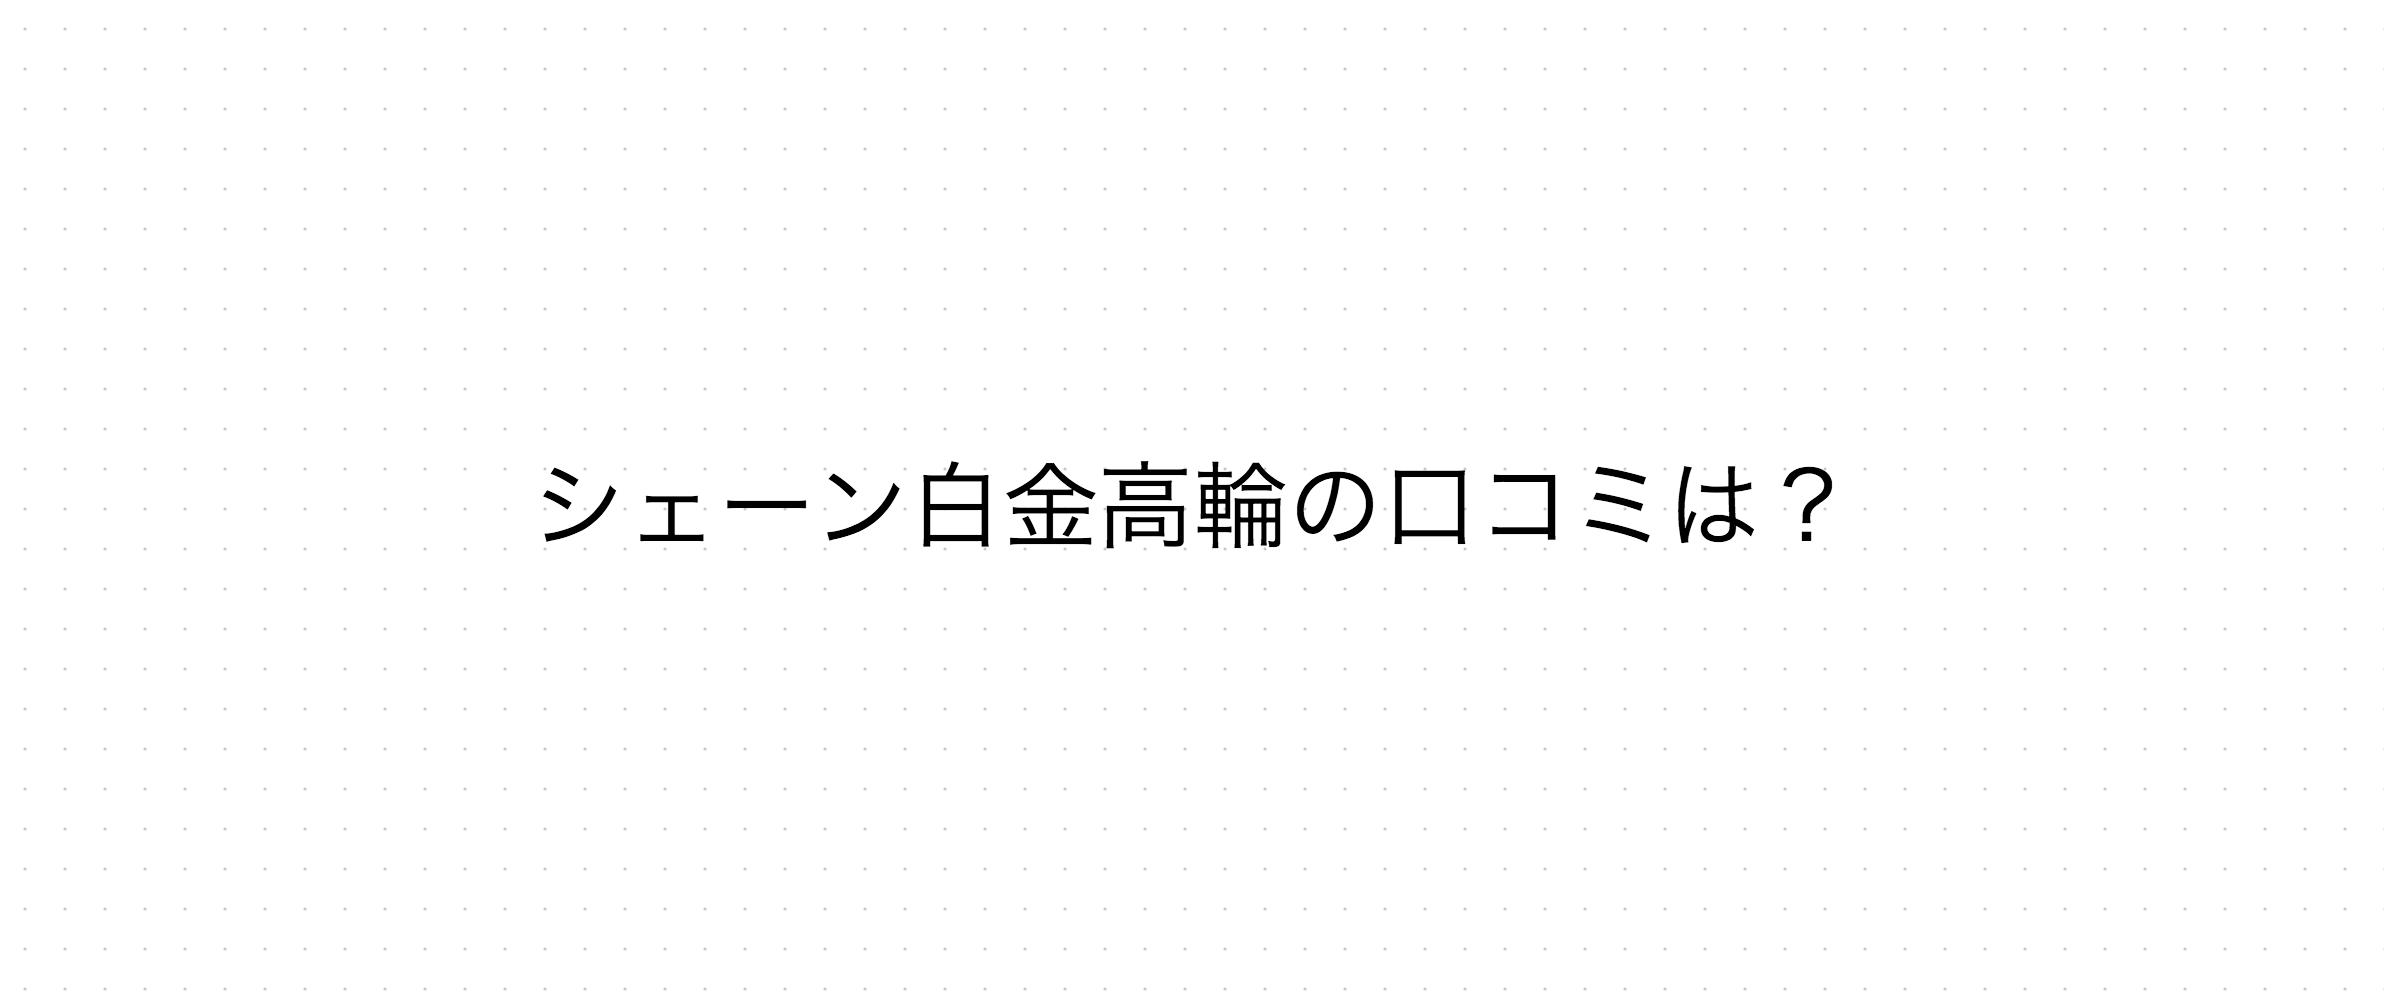 【徹底解説!】シェーン英会話(白金高輪校)の口コミや評判は?